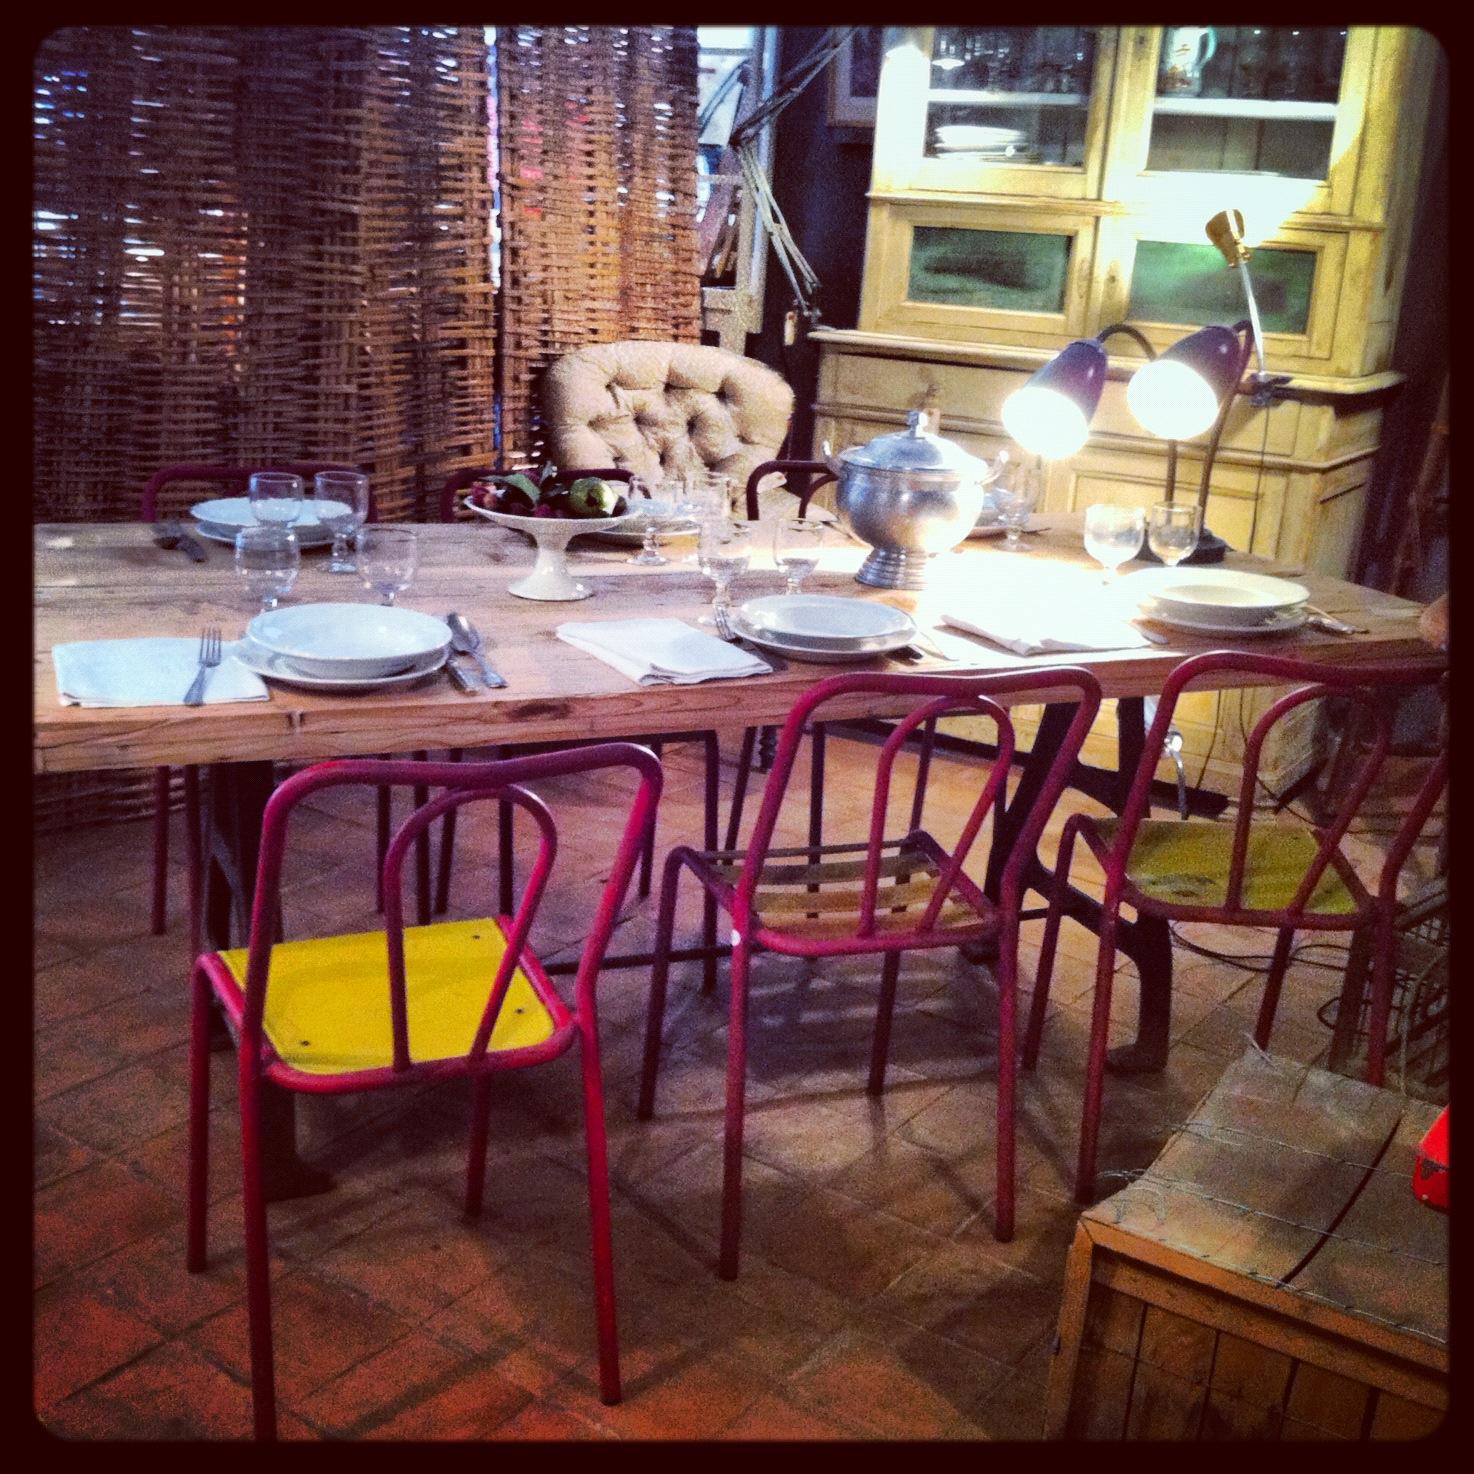 En busca de lo vintage industrial y decapado beautiful for La europea muebles